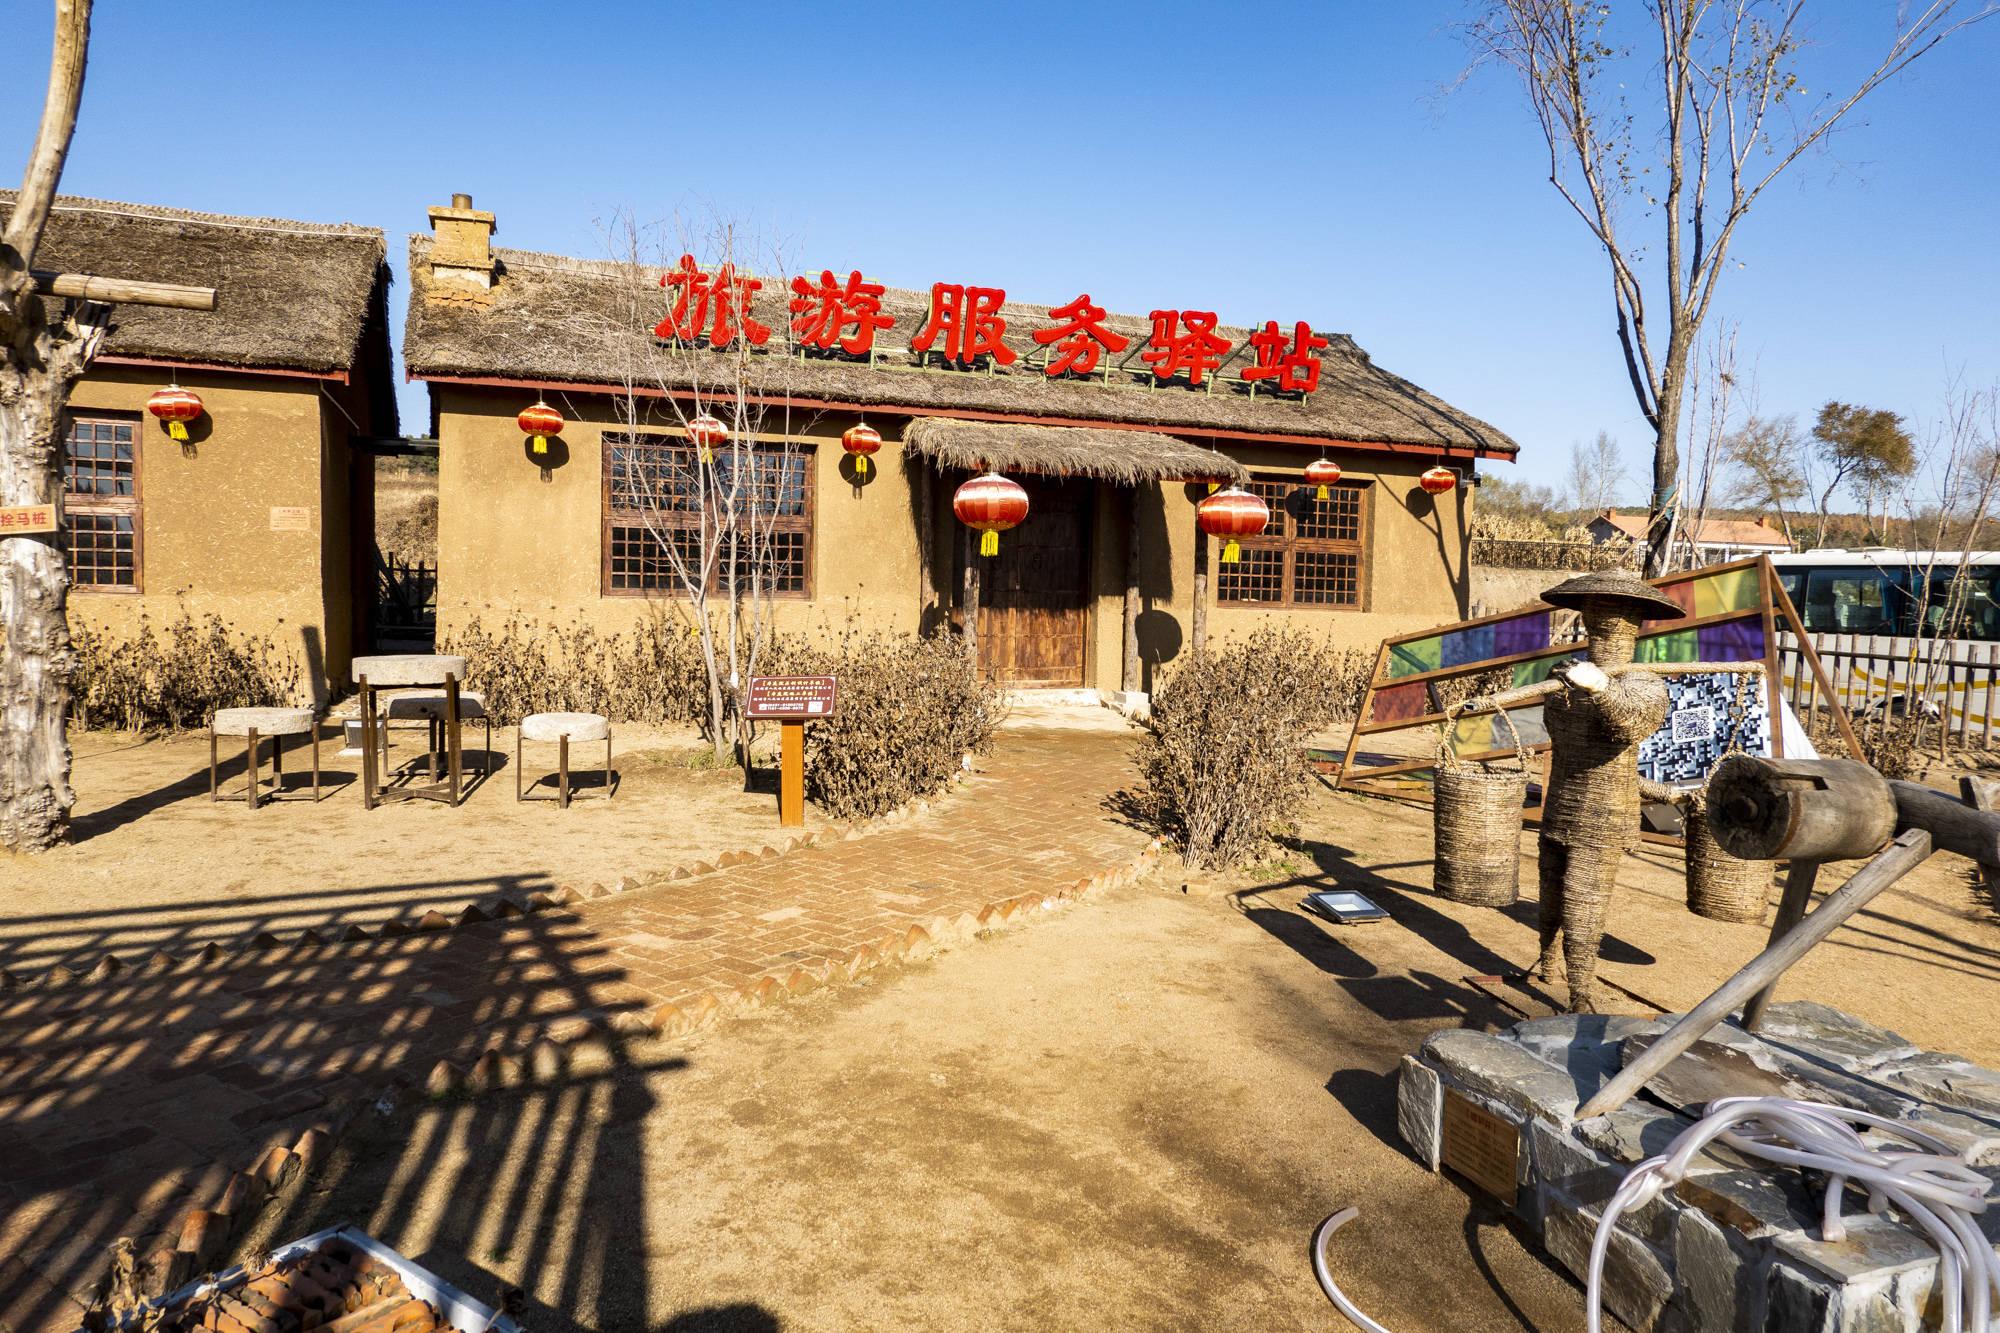 看看长春的新农村,宜居宜游风光如画,4个美丽乡村承包诗意秋天